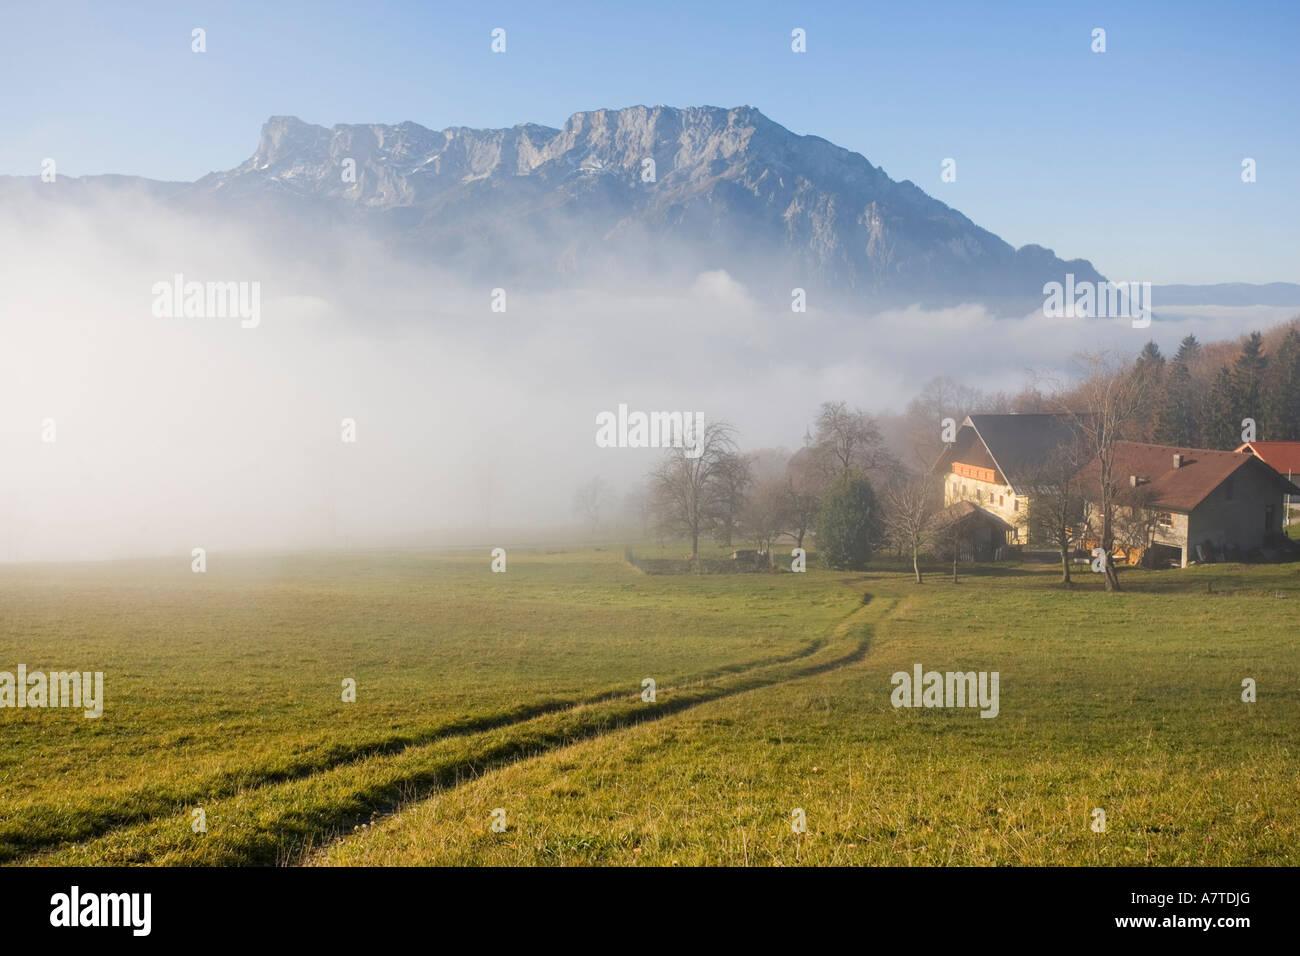 Farmhouse in field, Puch bei Hallein, Salzachtal Valley, Untersberg, Salzburg, Austria - Stock Image